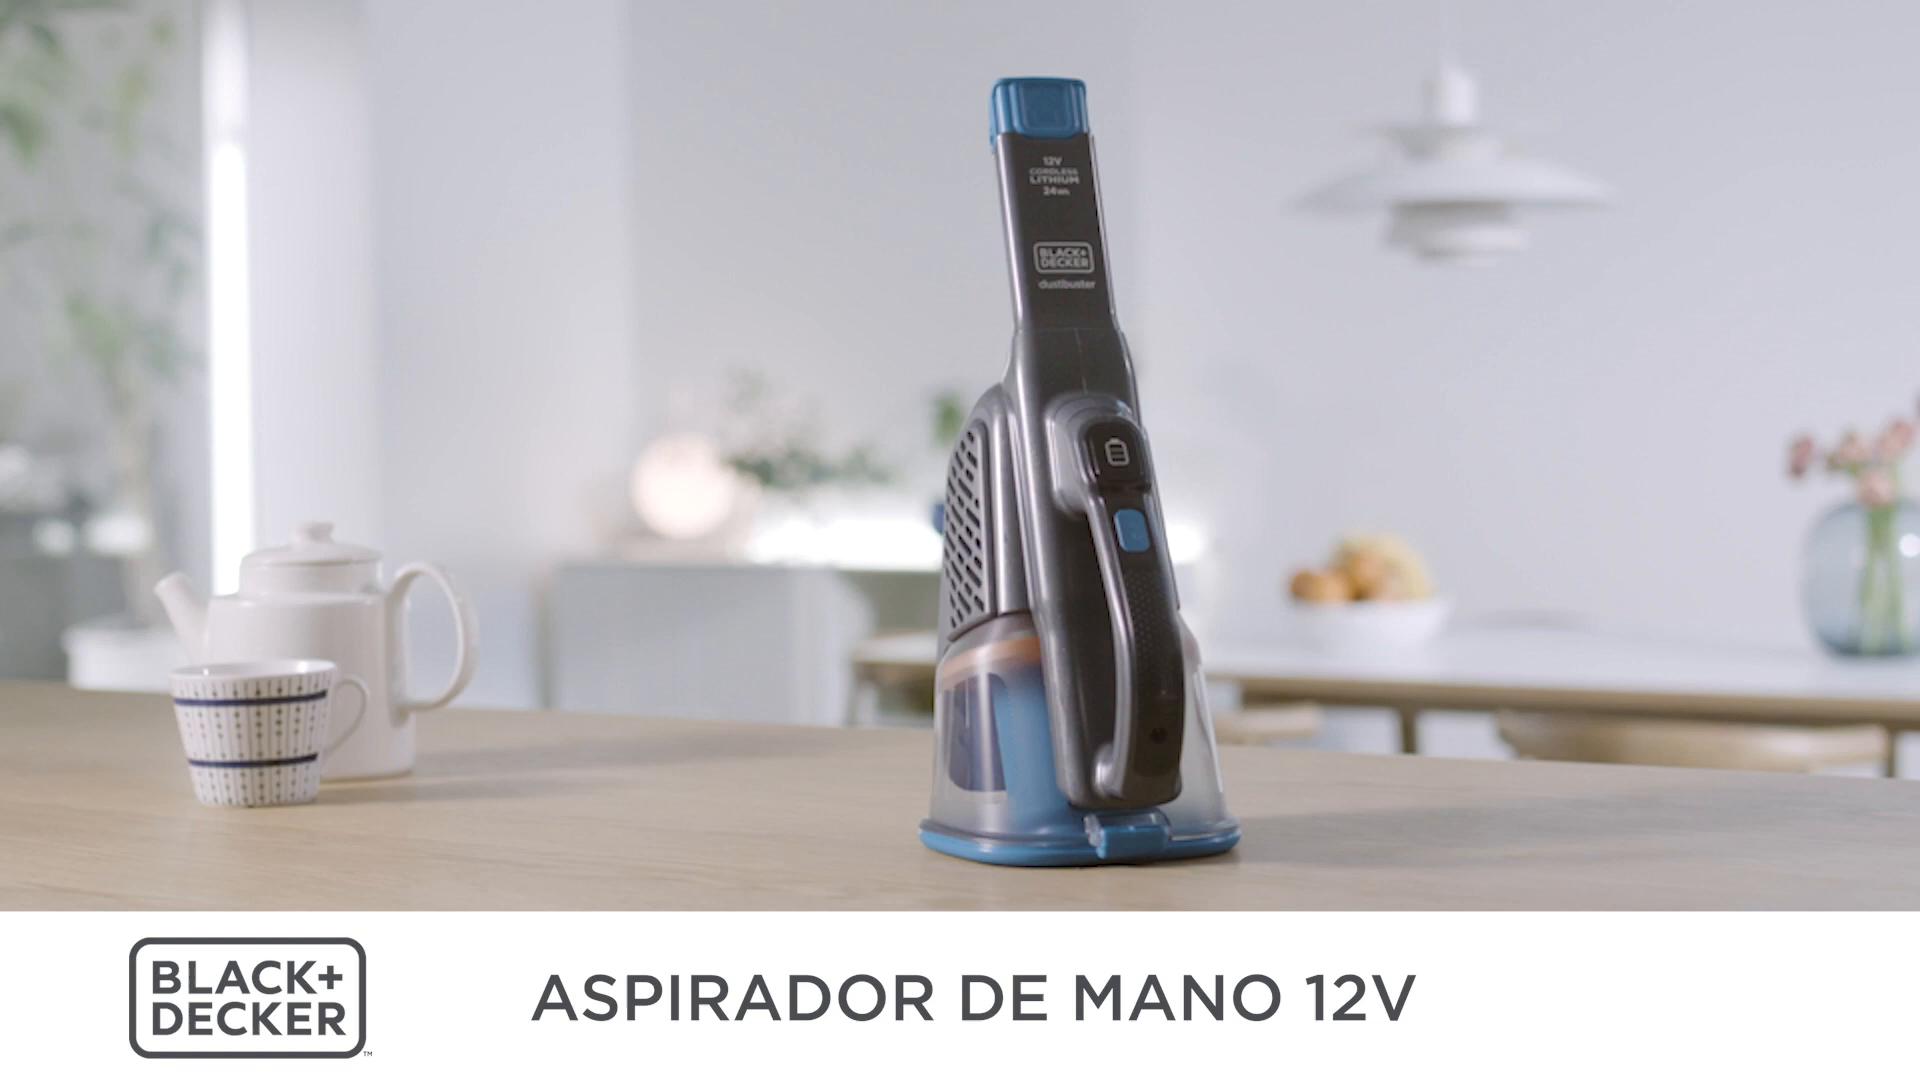 BLACK+DECKER Aspirador de mano inalámbrico: Amazon.es: Hogar